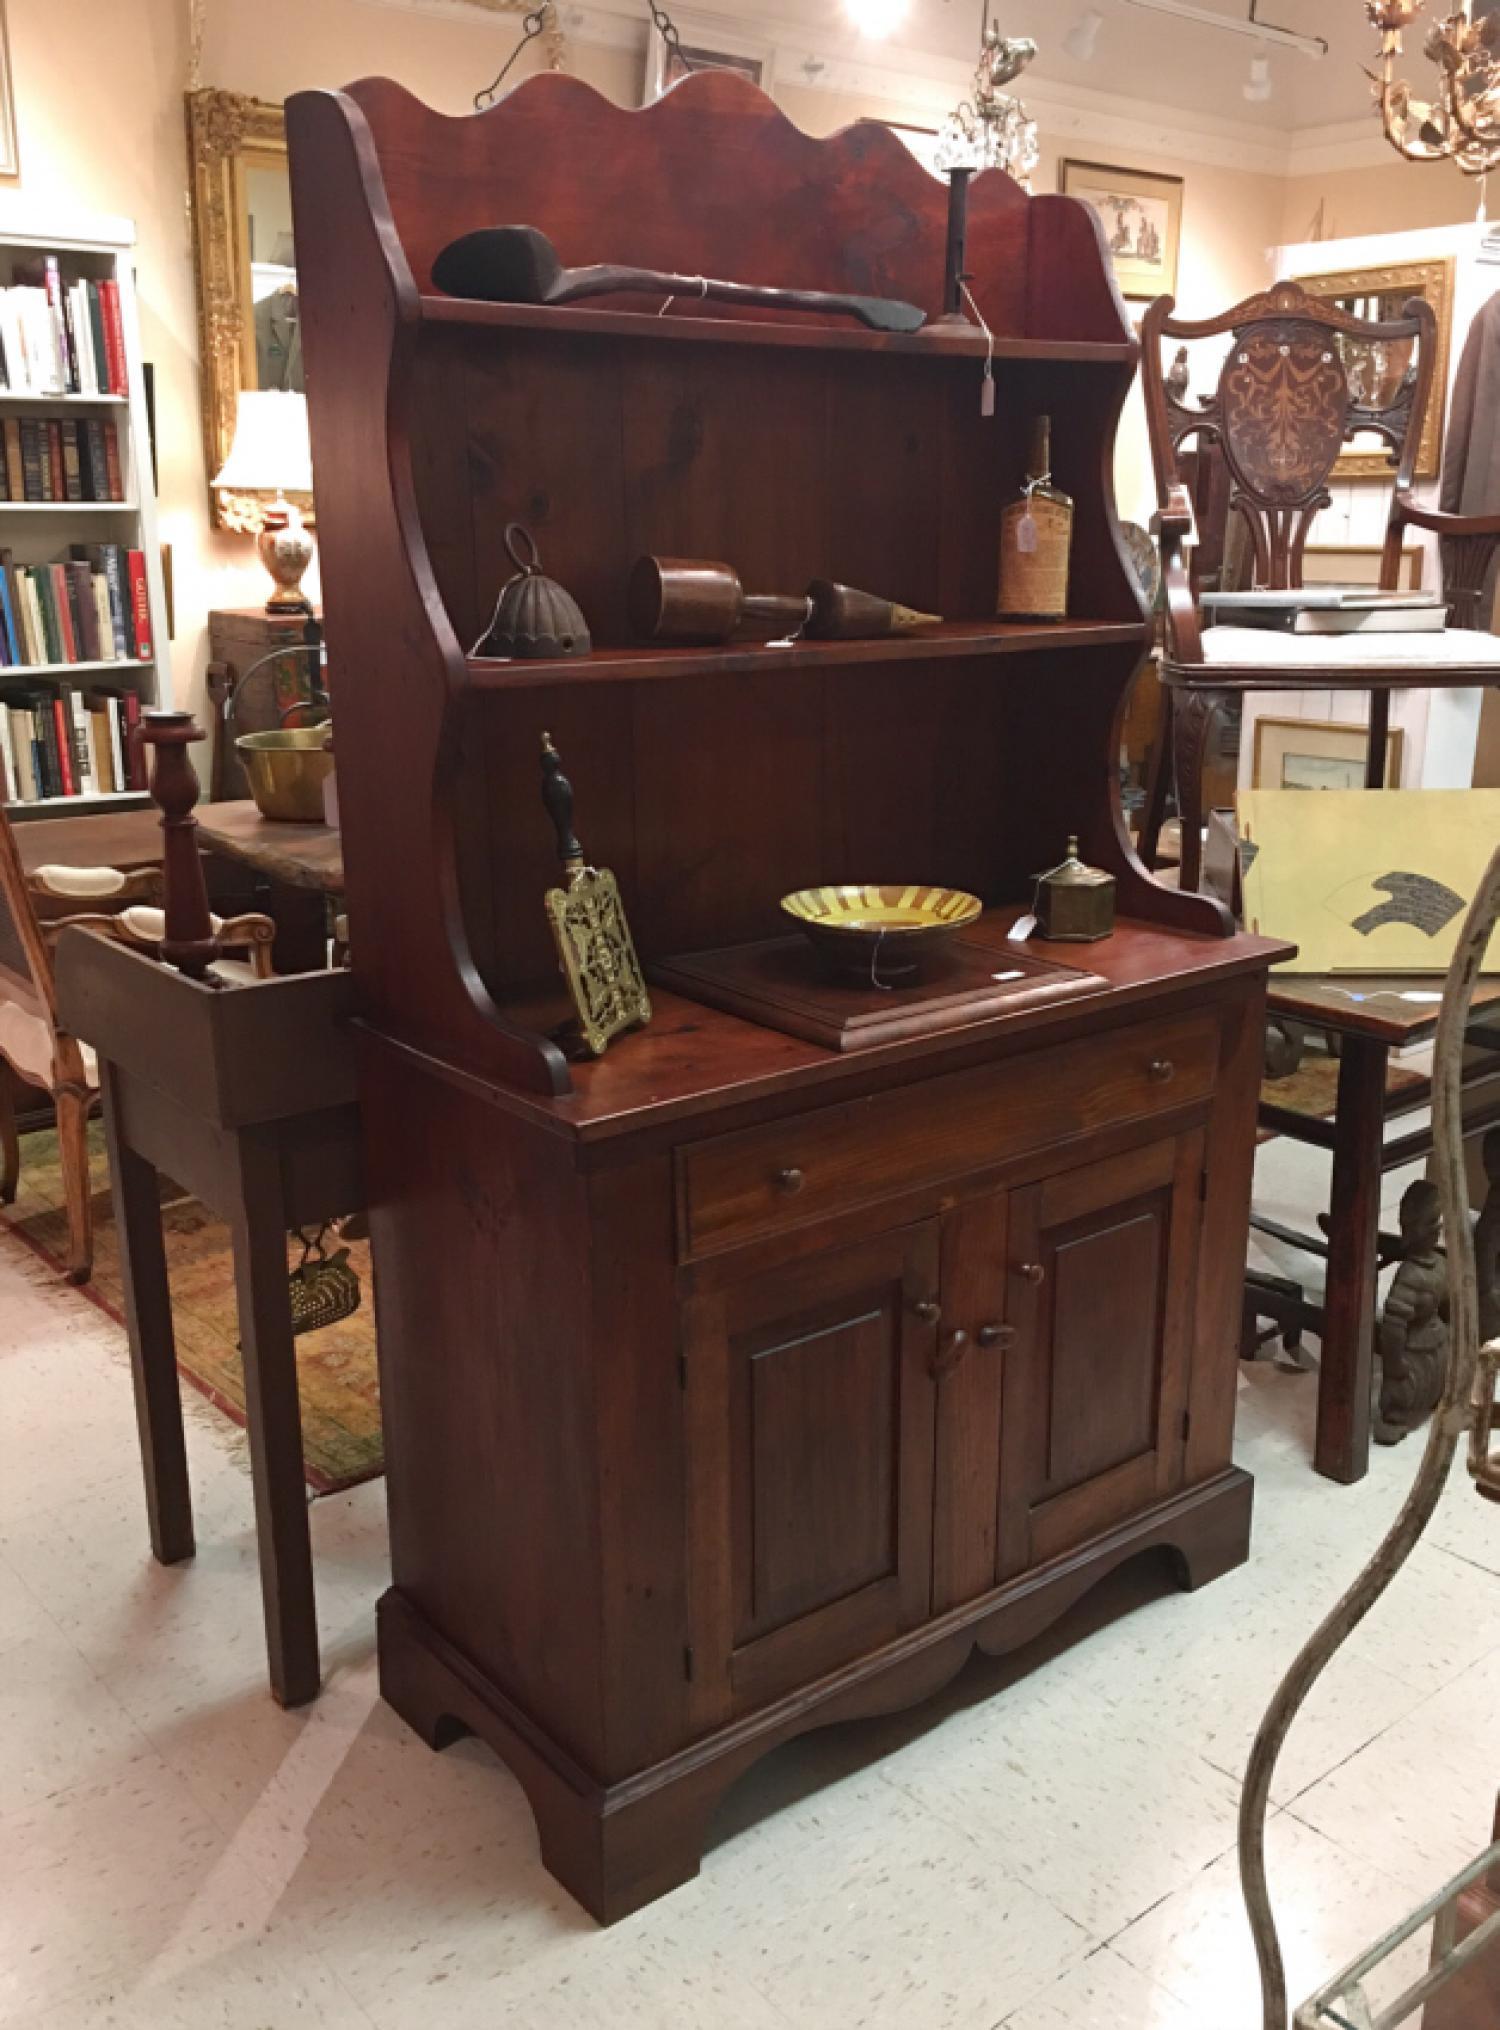 Vintage pine stepback kitchen cupboard